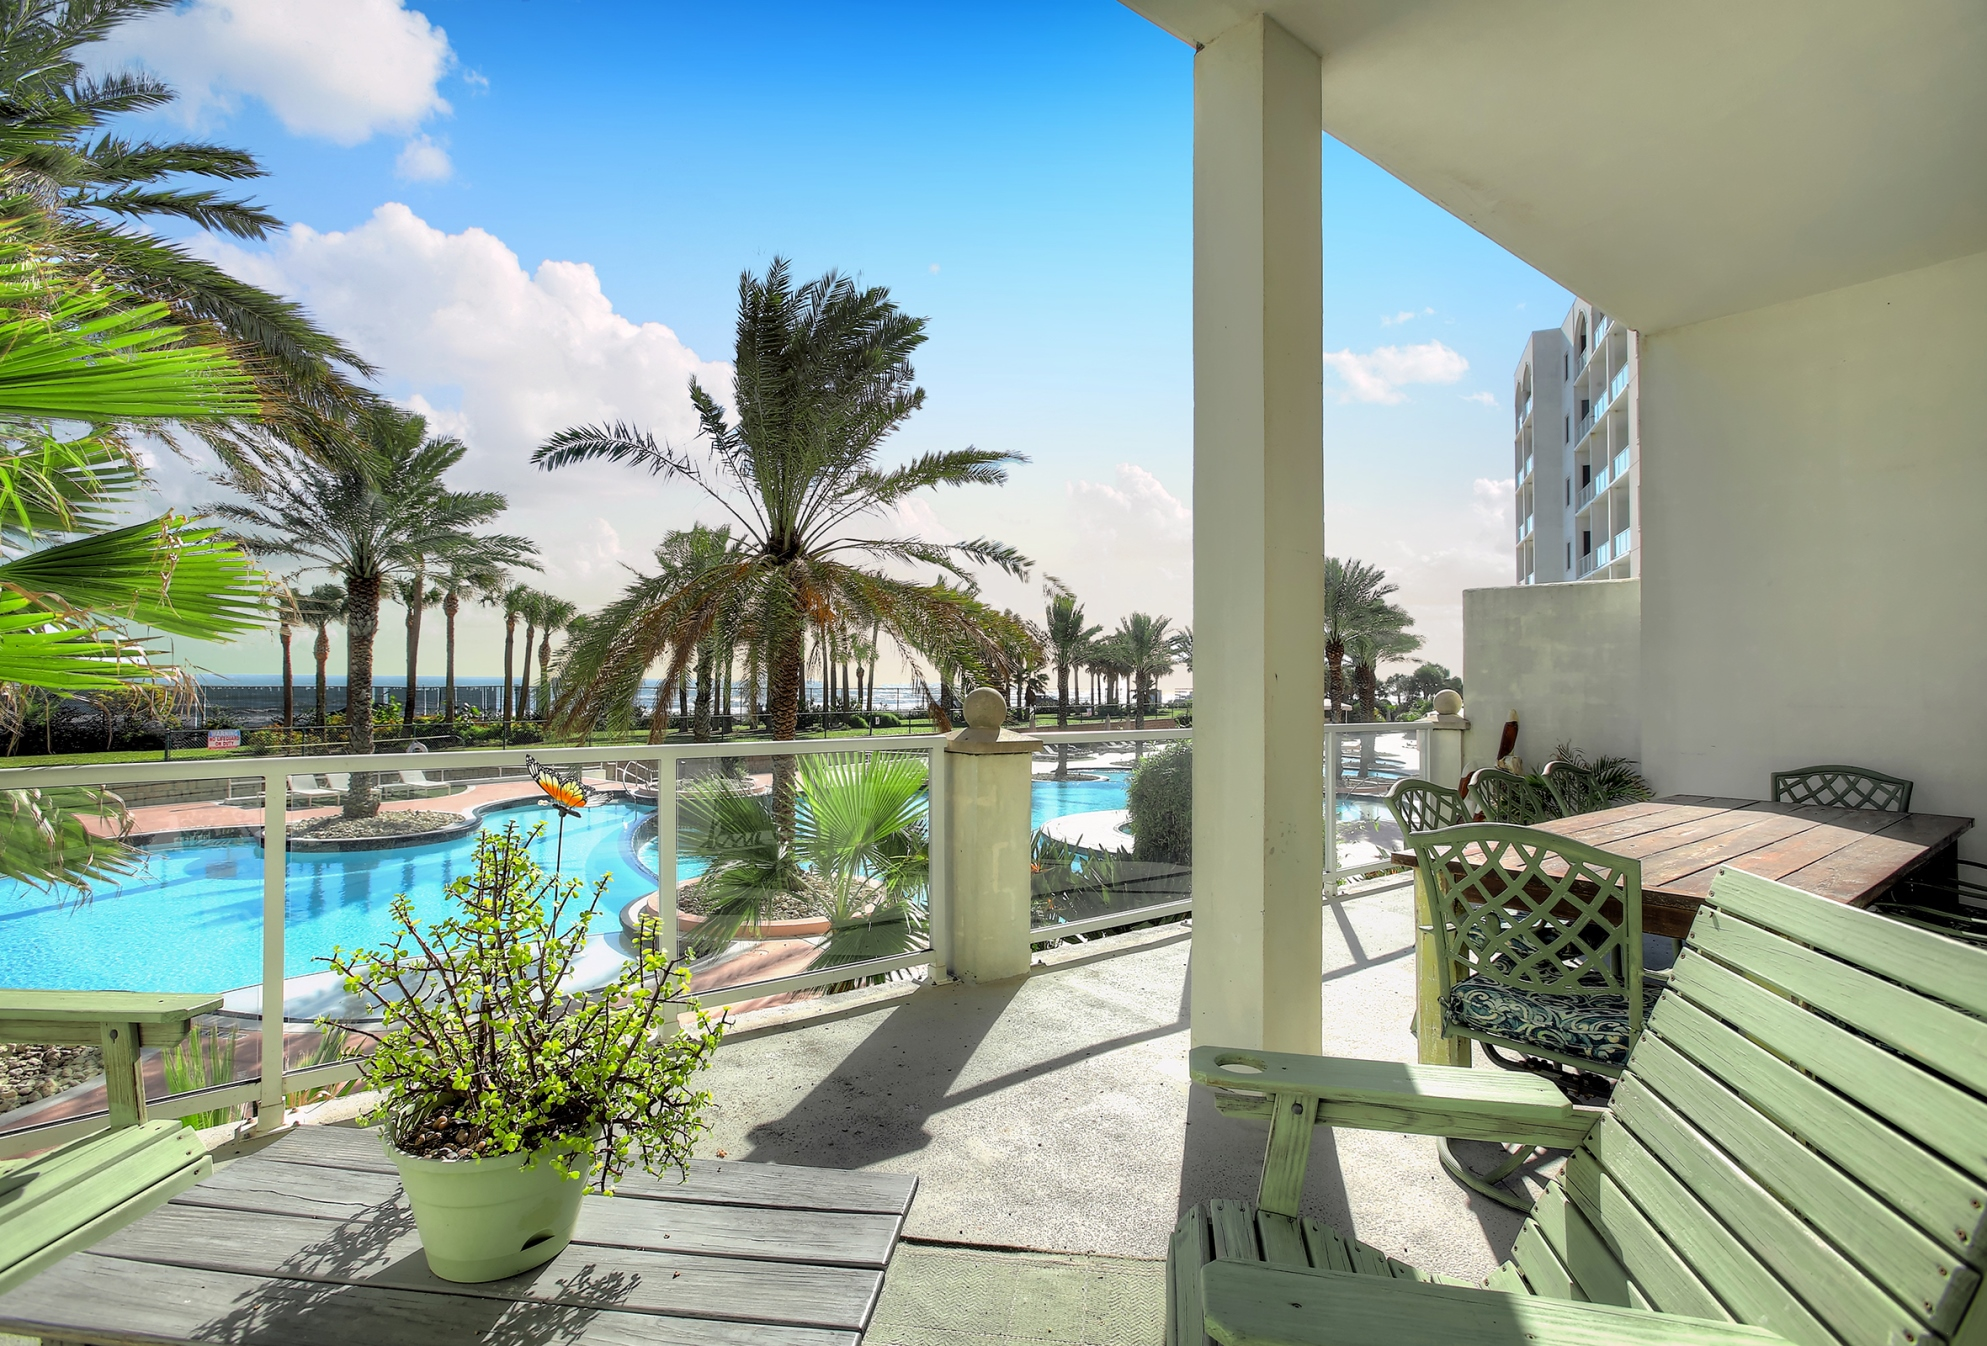 Diamond Beach Resort Condominiums presented by The Galveston Condo Living Group